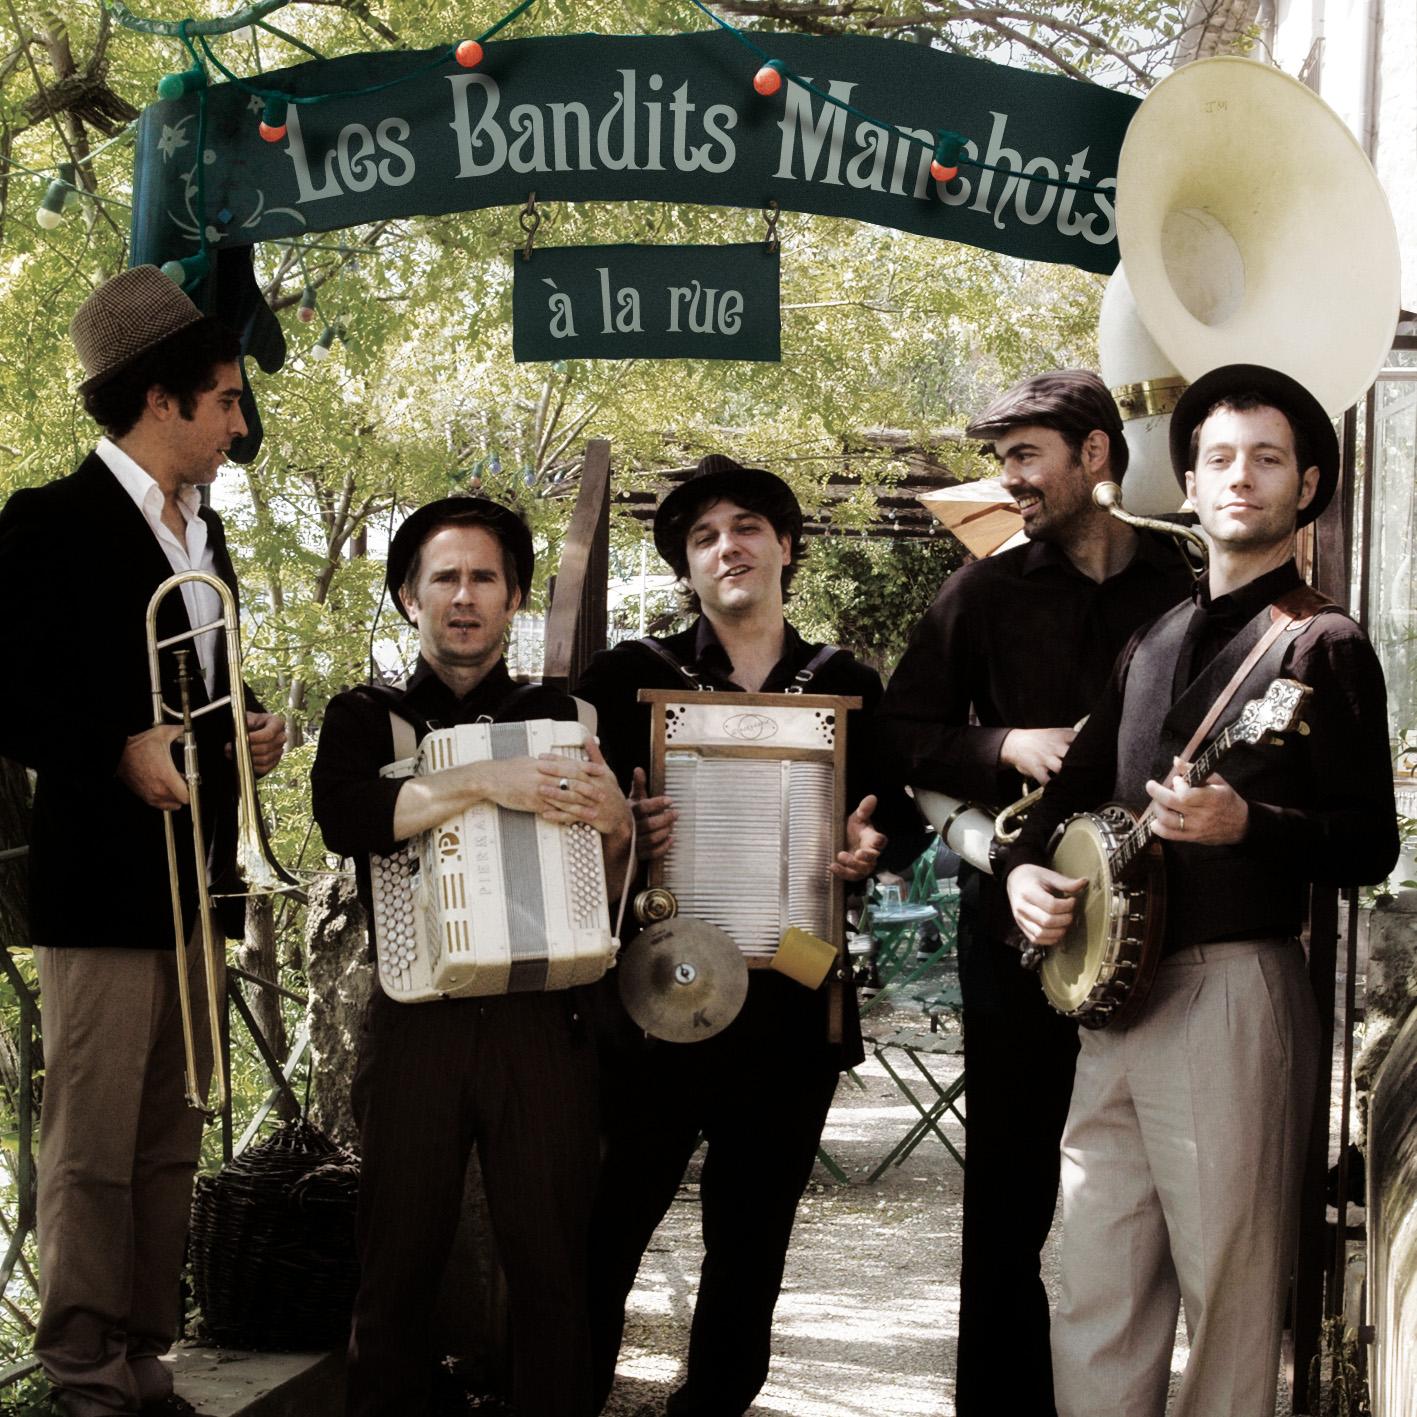 Bandits Manchots à la rue